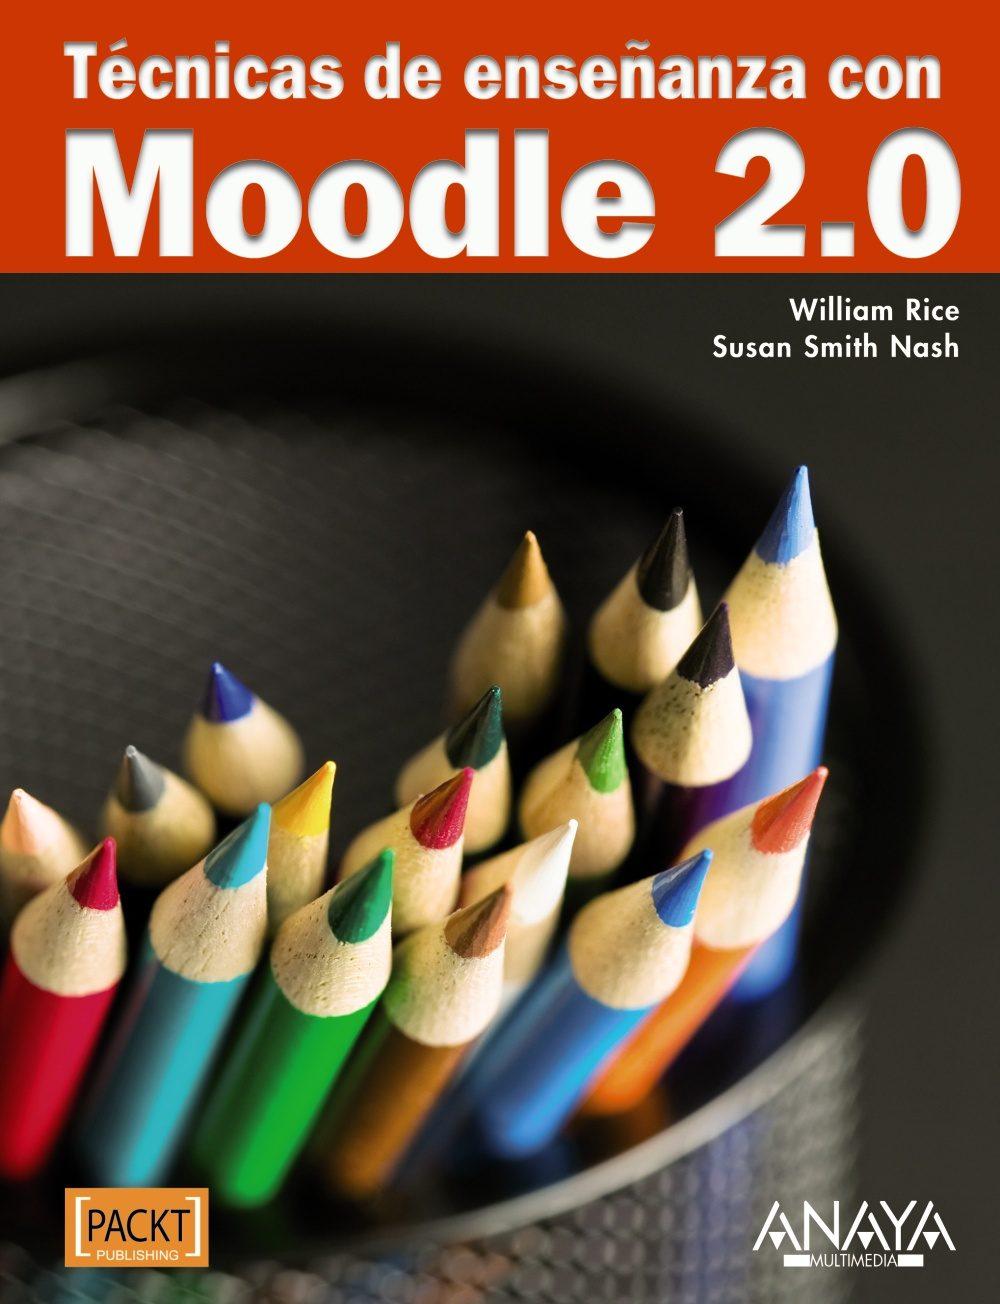 tecnicas de enseñanza con moodle 2.0-william rice-susan smith nash-9788441529120